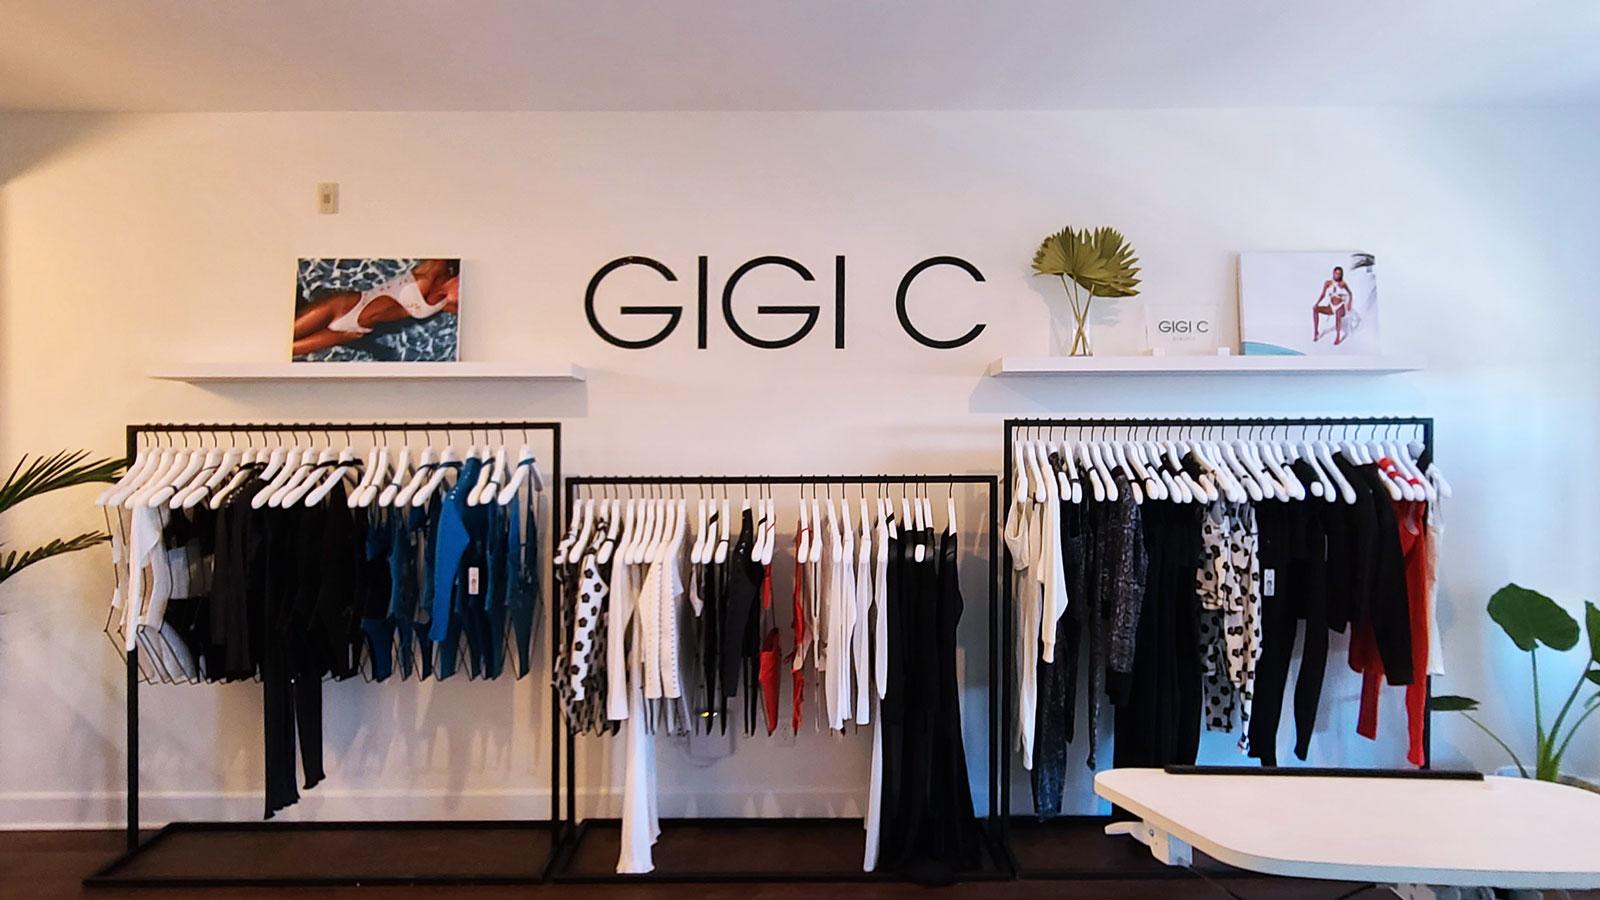 GIGI C Store Vinyl Lettering